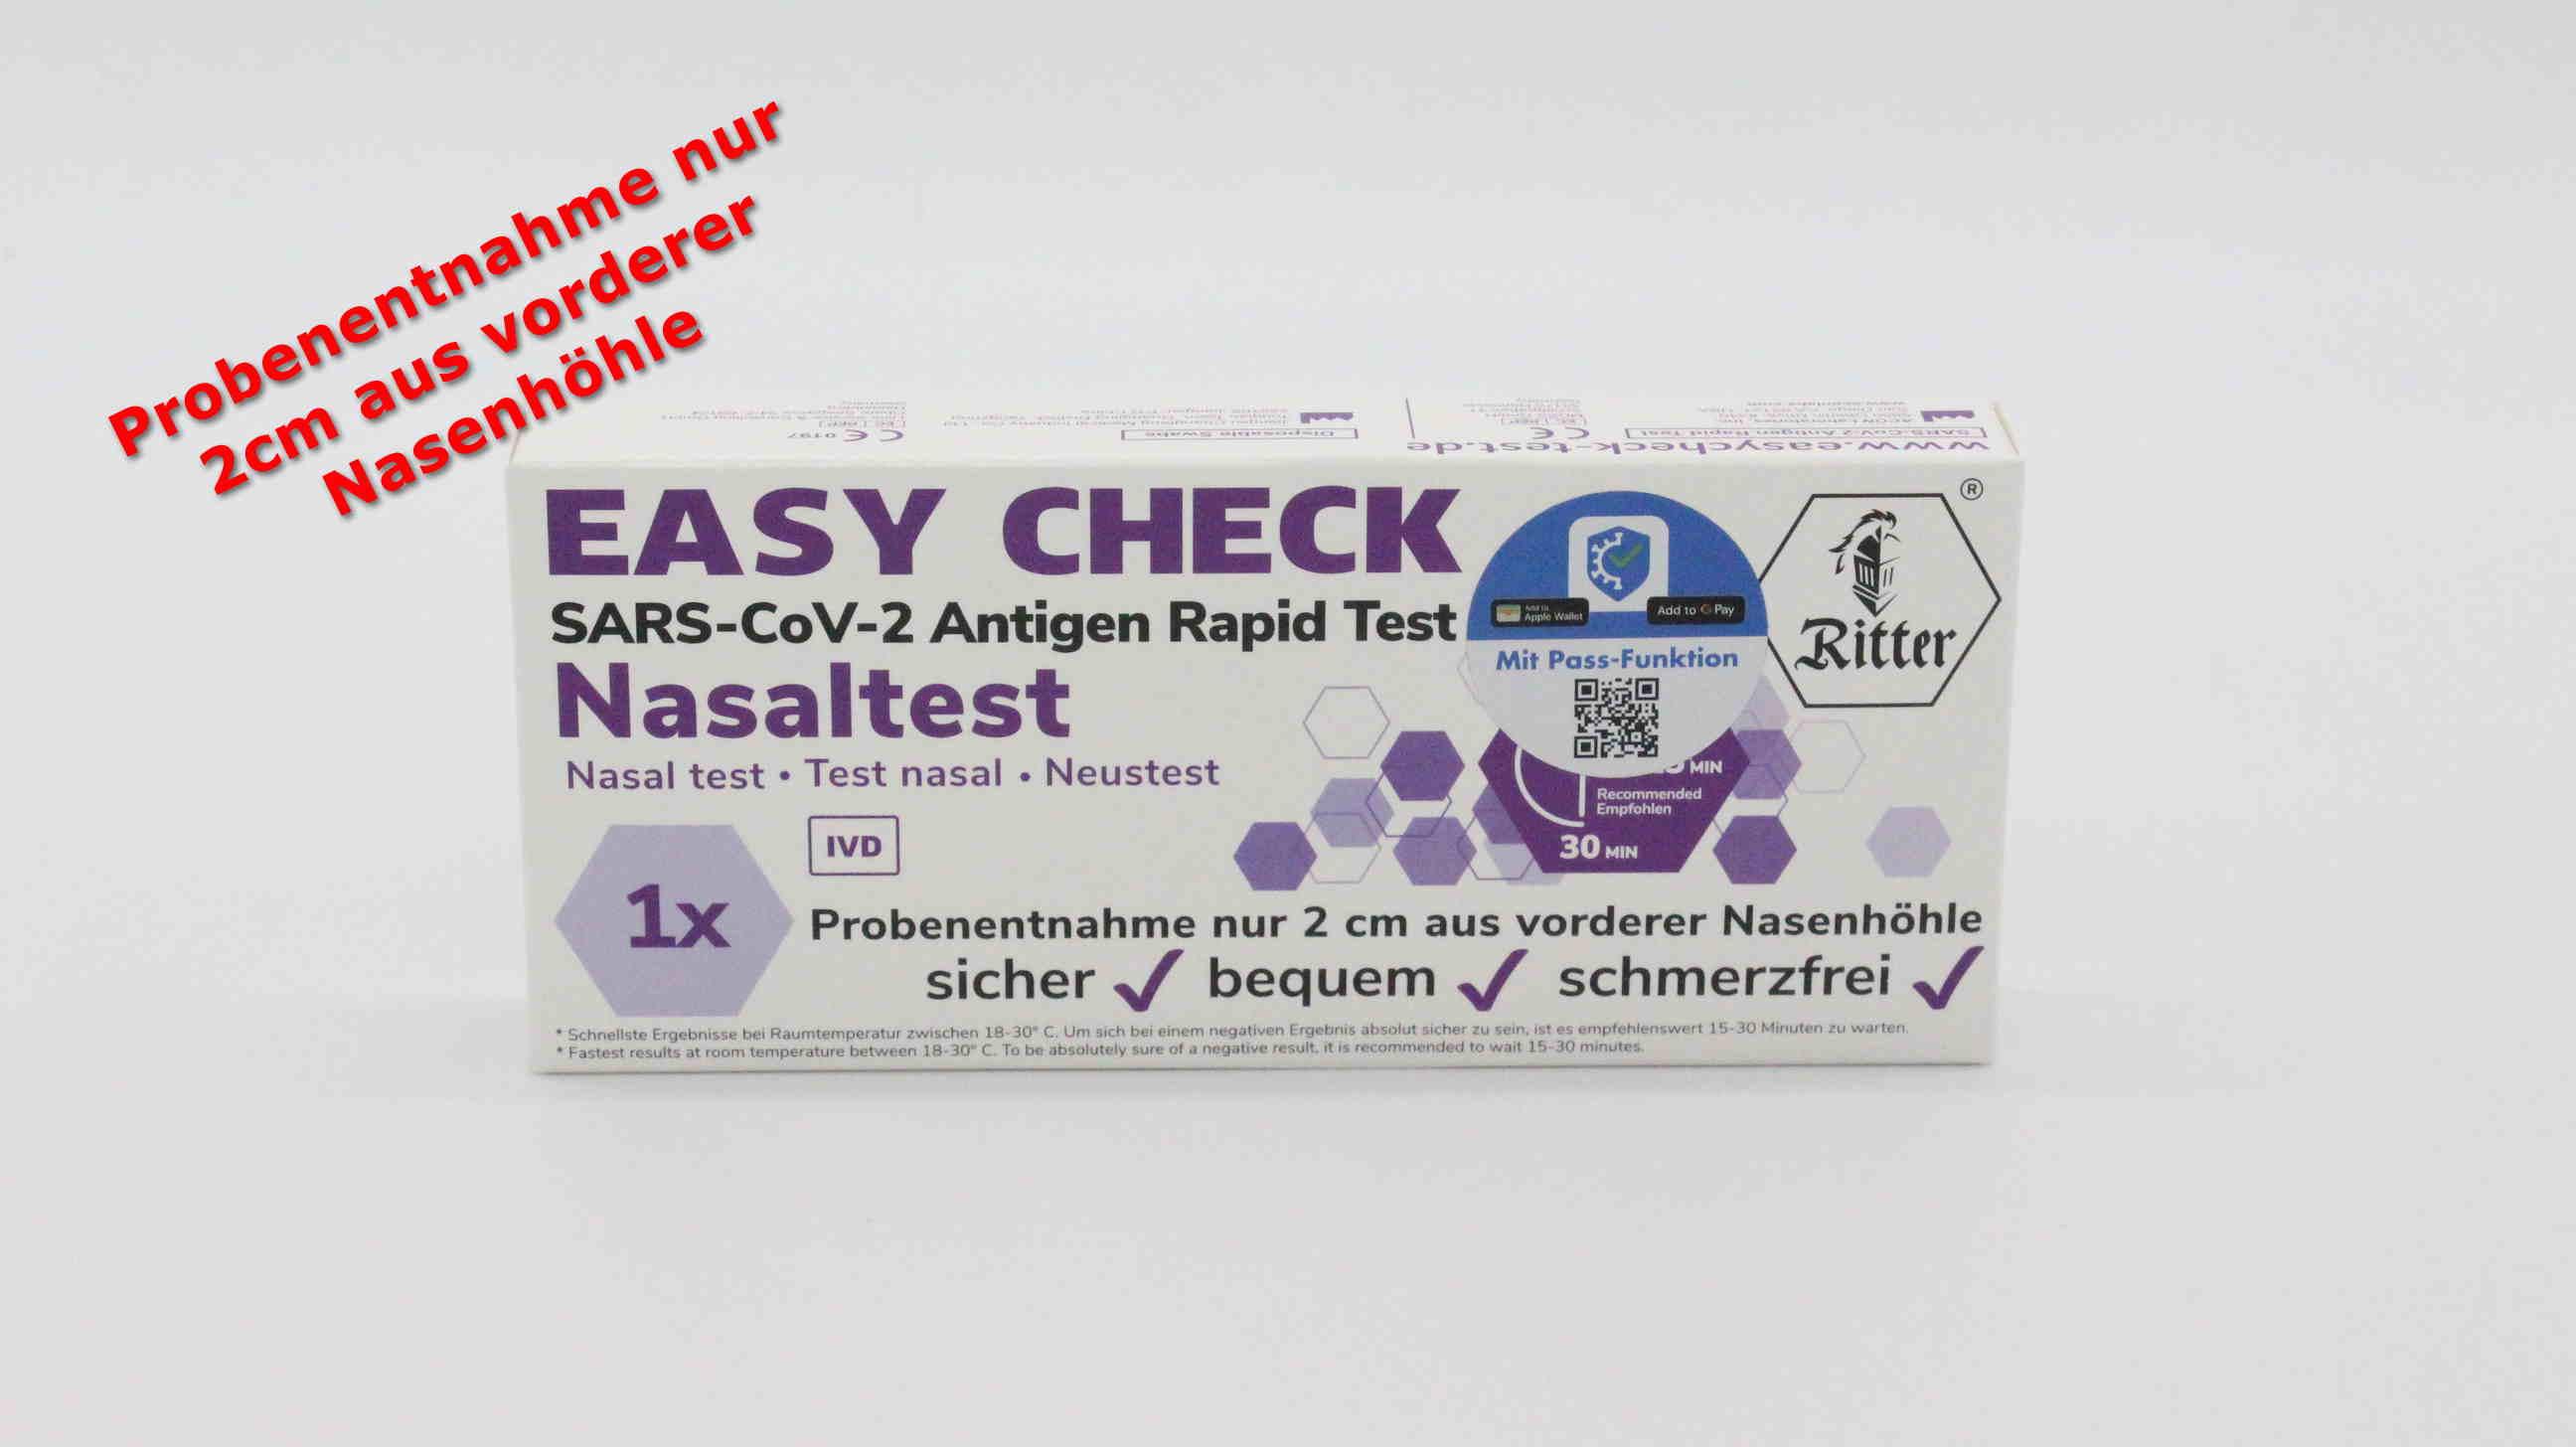 Ritter Nasal Antigen-Schnelltest